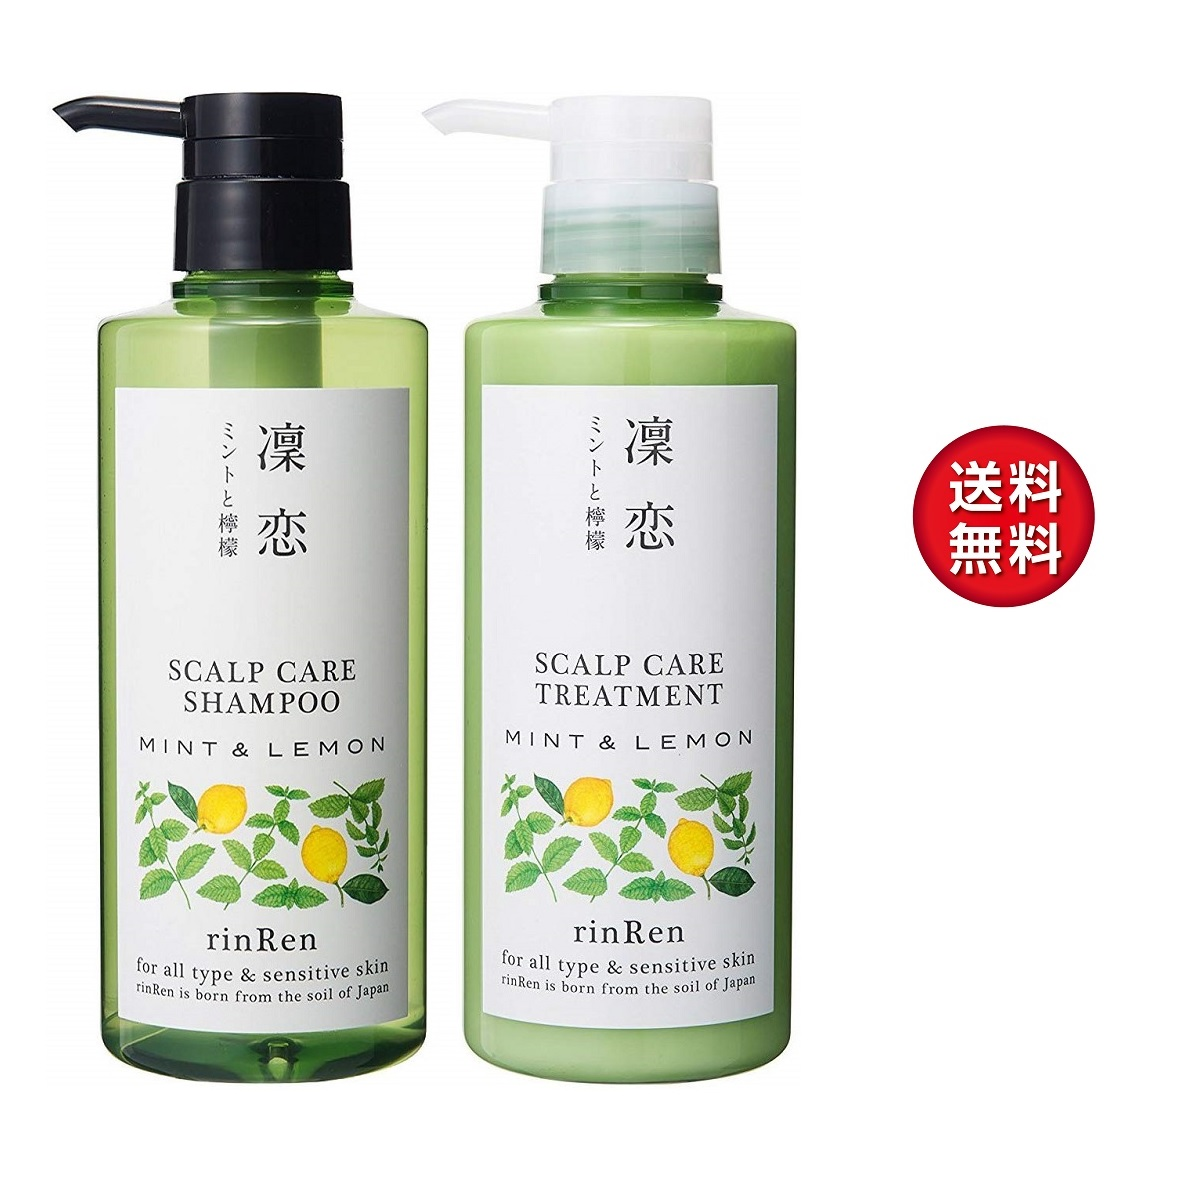 凛恋 リンレン レメディアル ミント&レモン シャンプー&トリートメントセット (各 400ml )rinRen